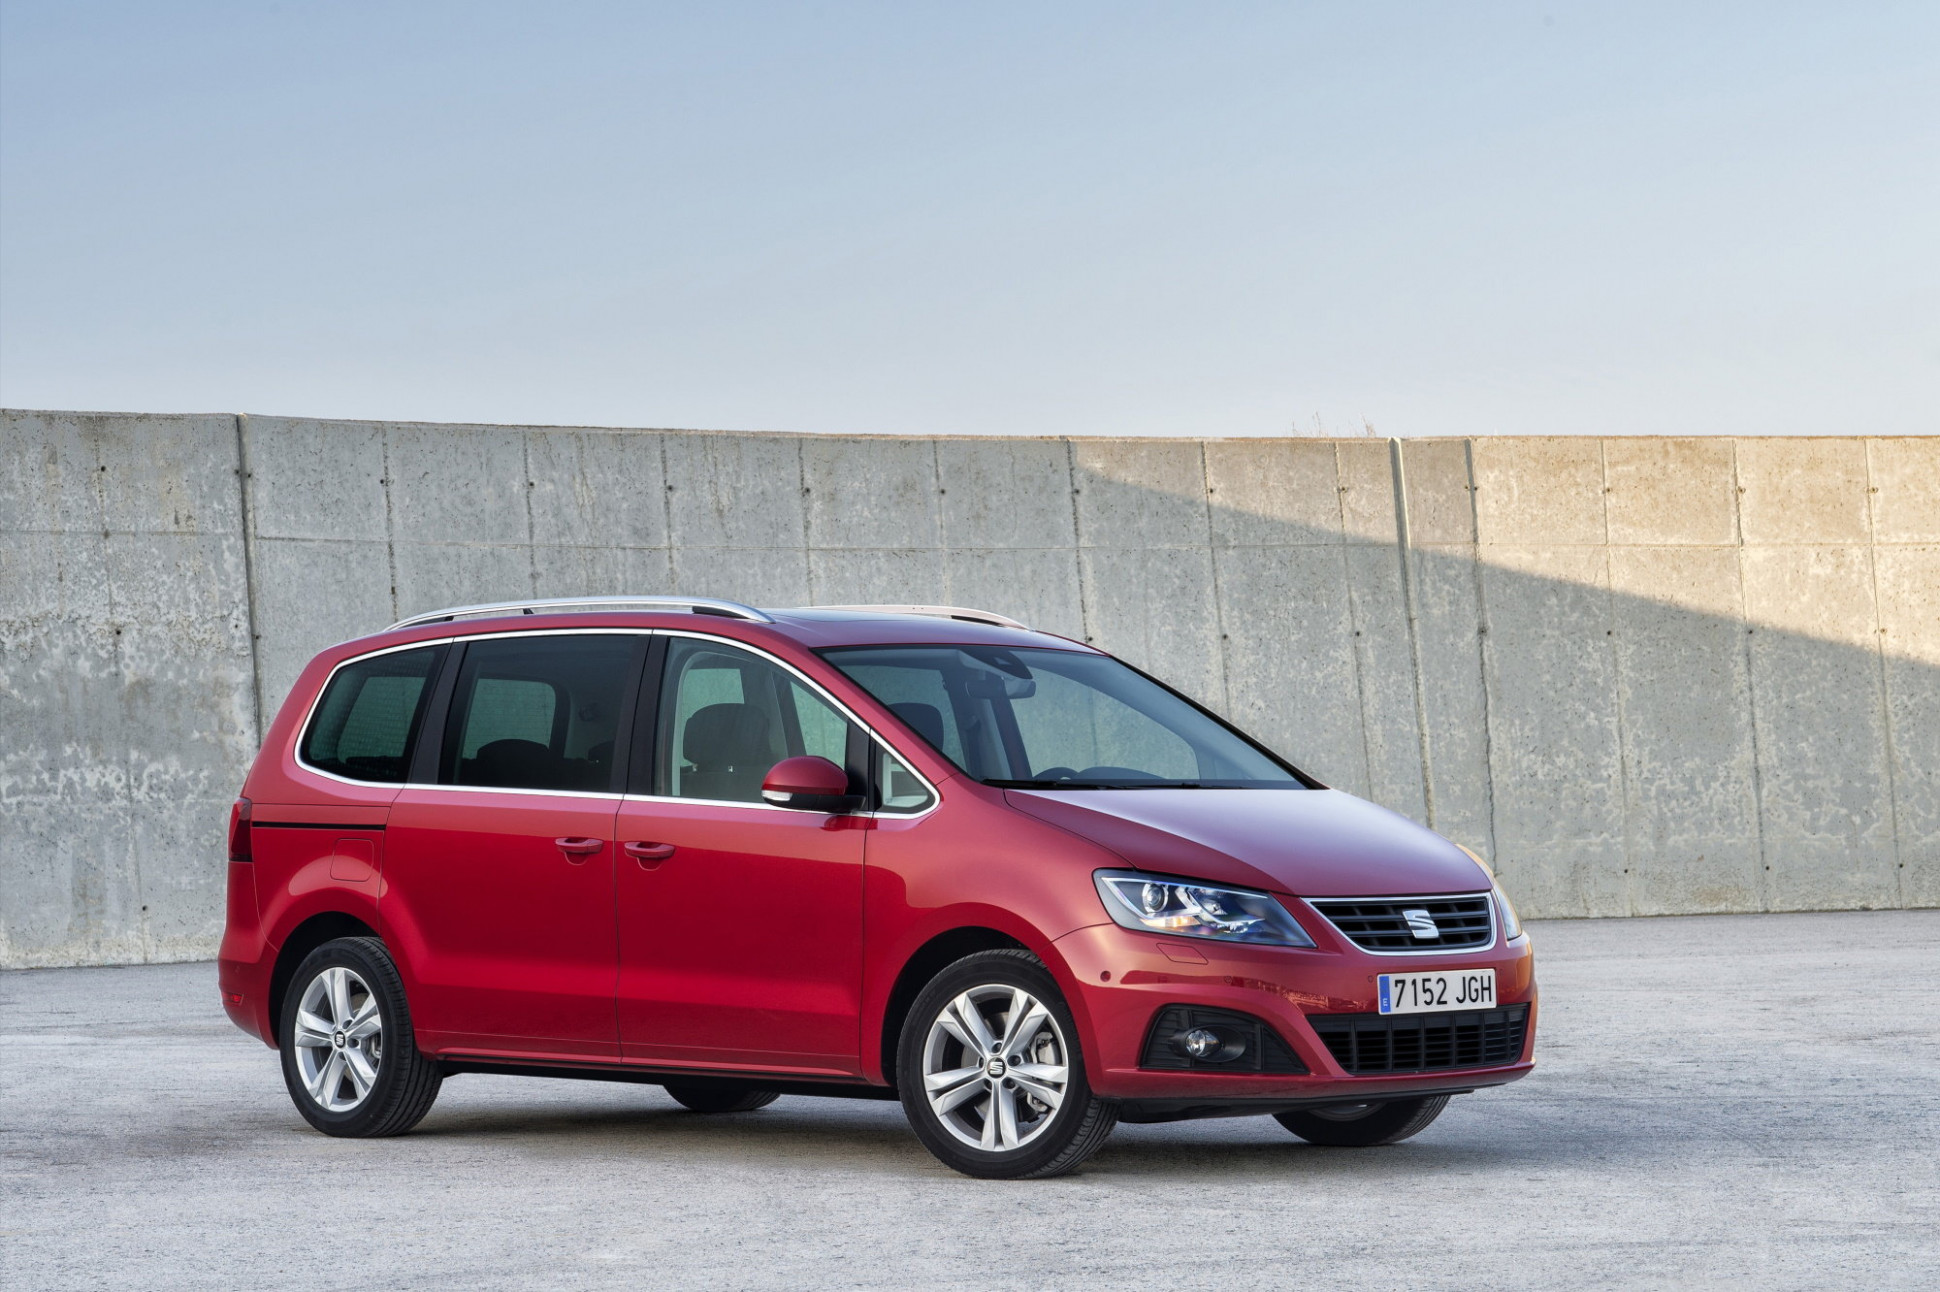 Reviews 2022 VW Sharan